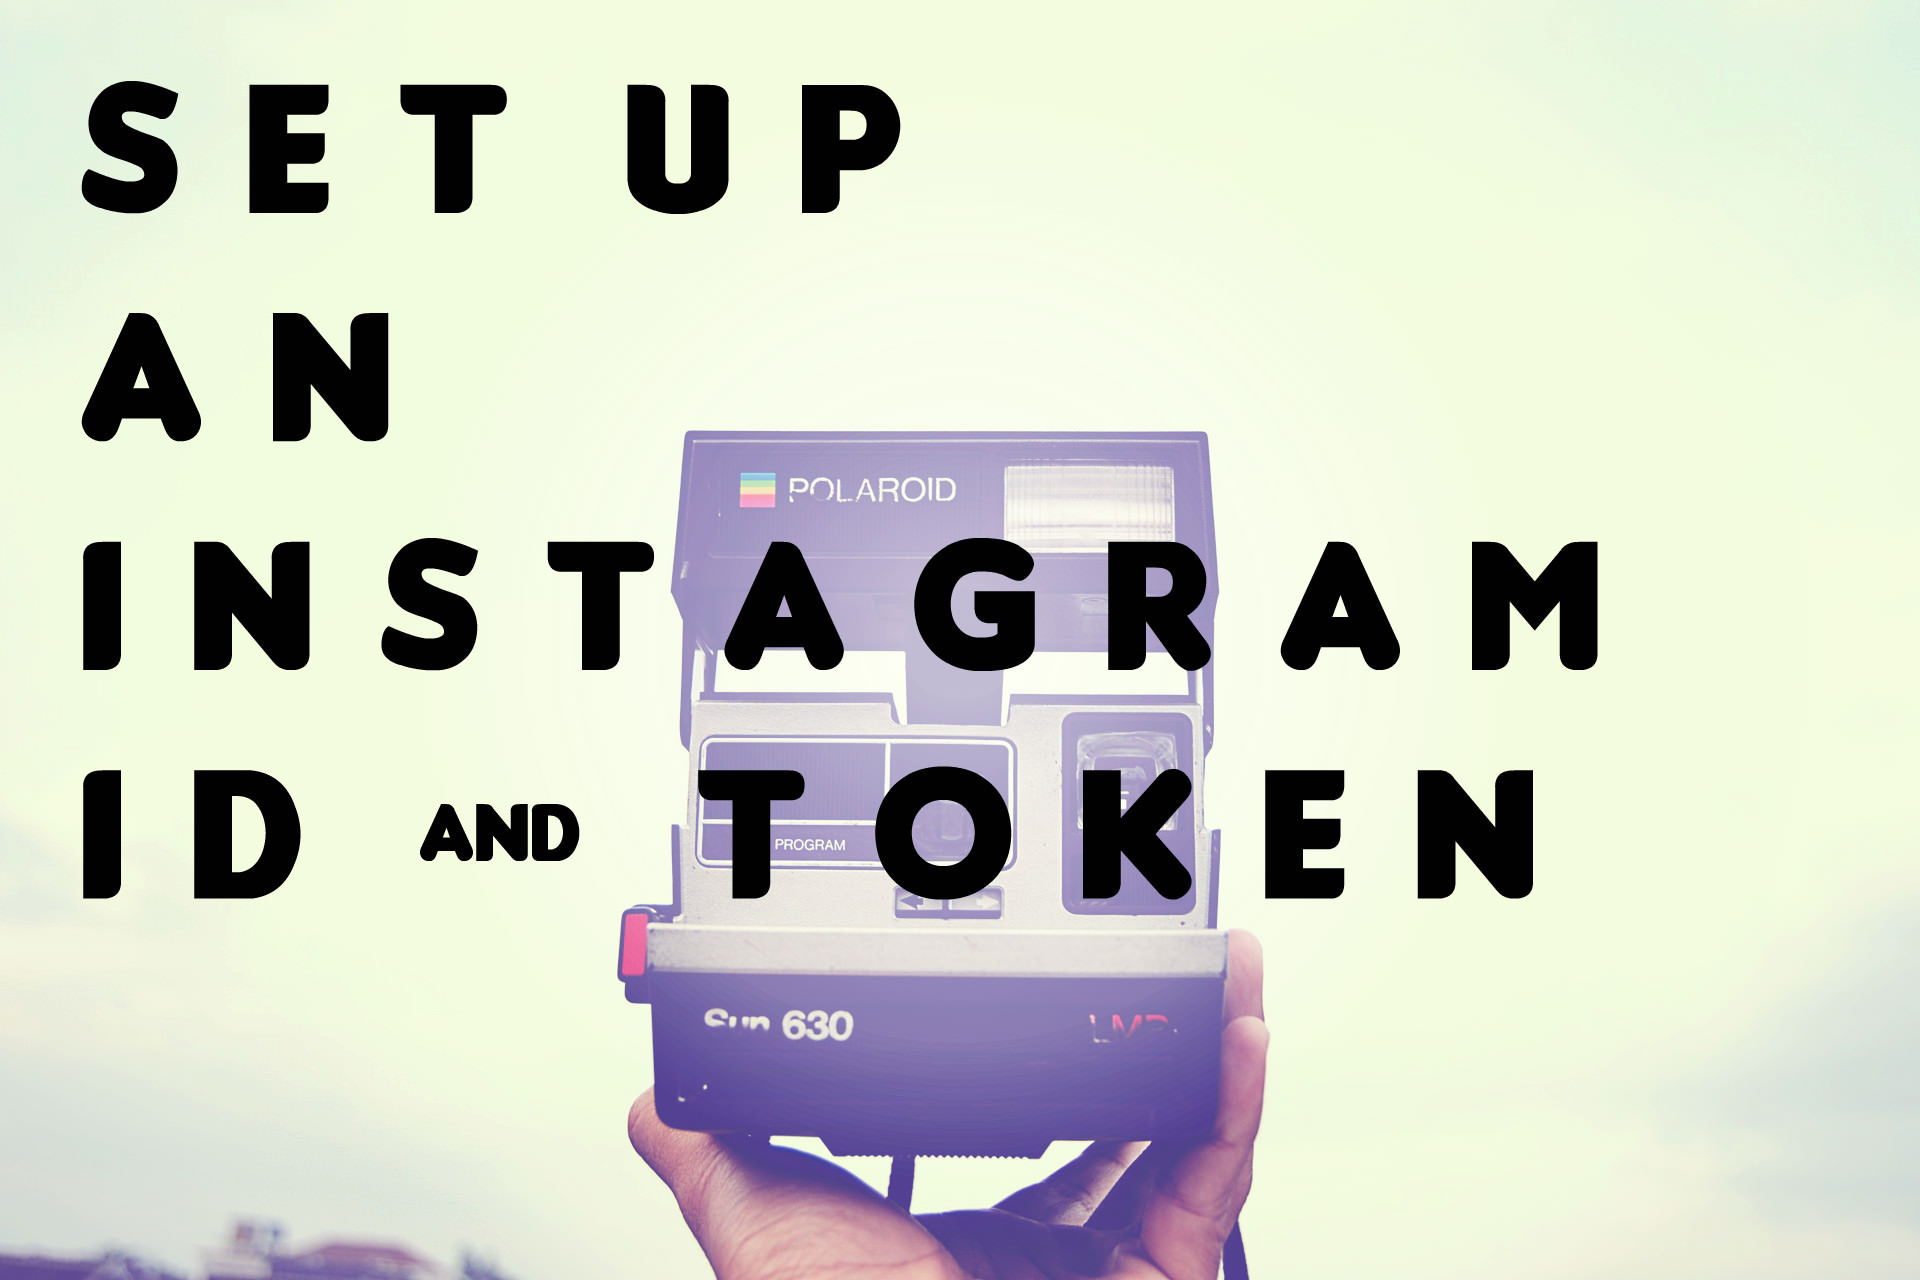 算数が必要!?WordPressでinstagramのIDやTokenを設定するときに便利なWebサービス